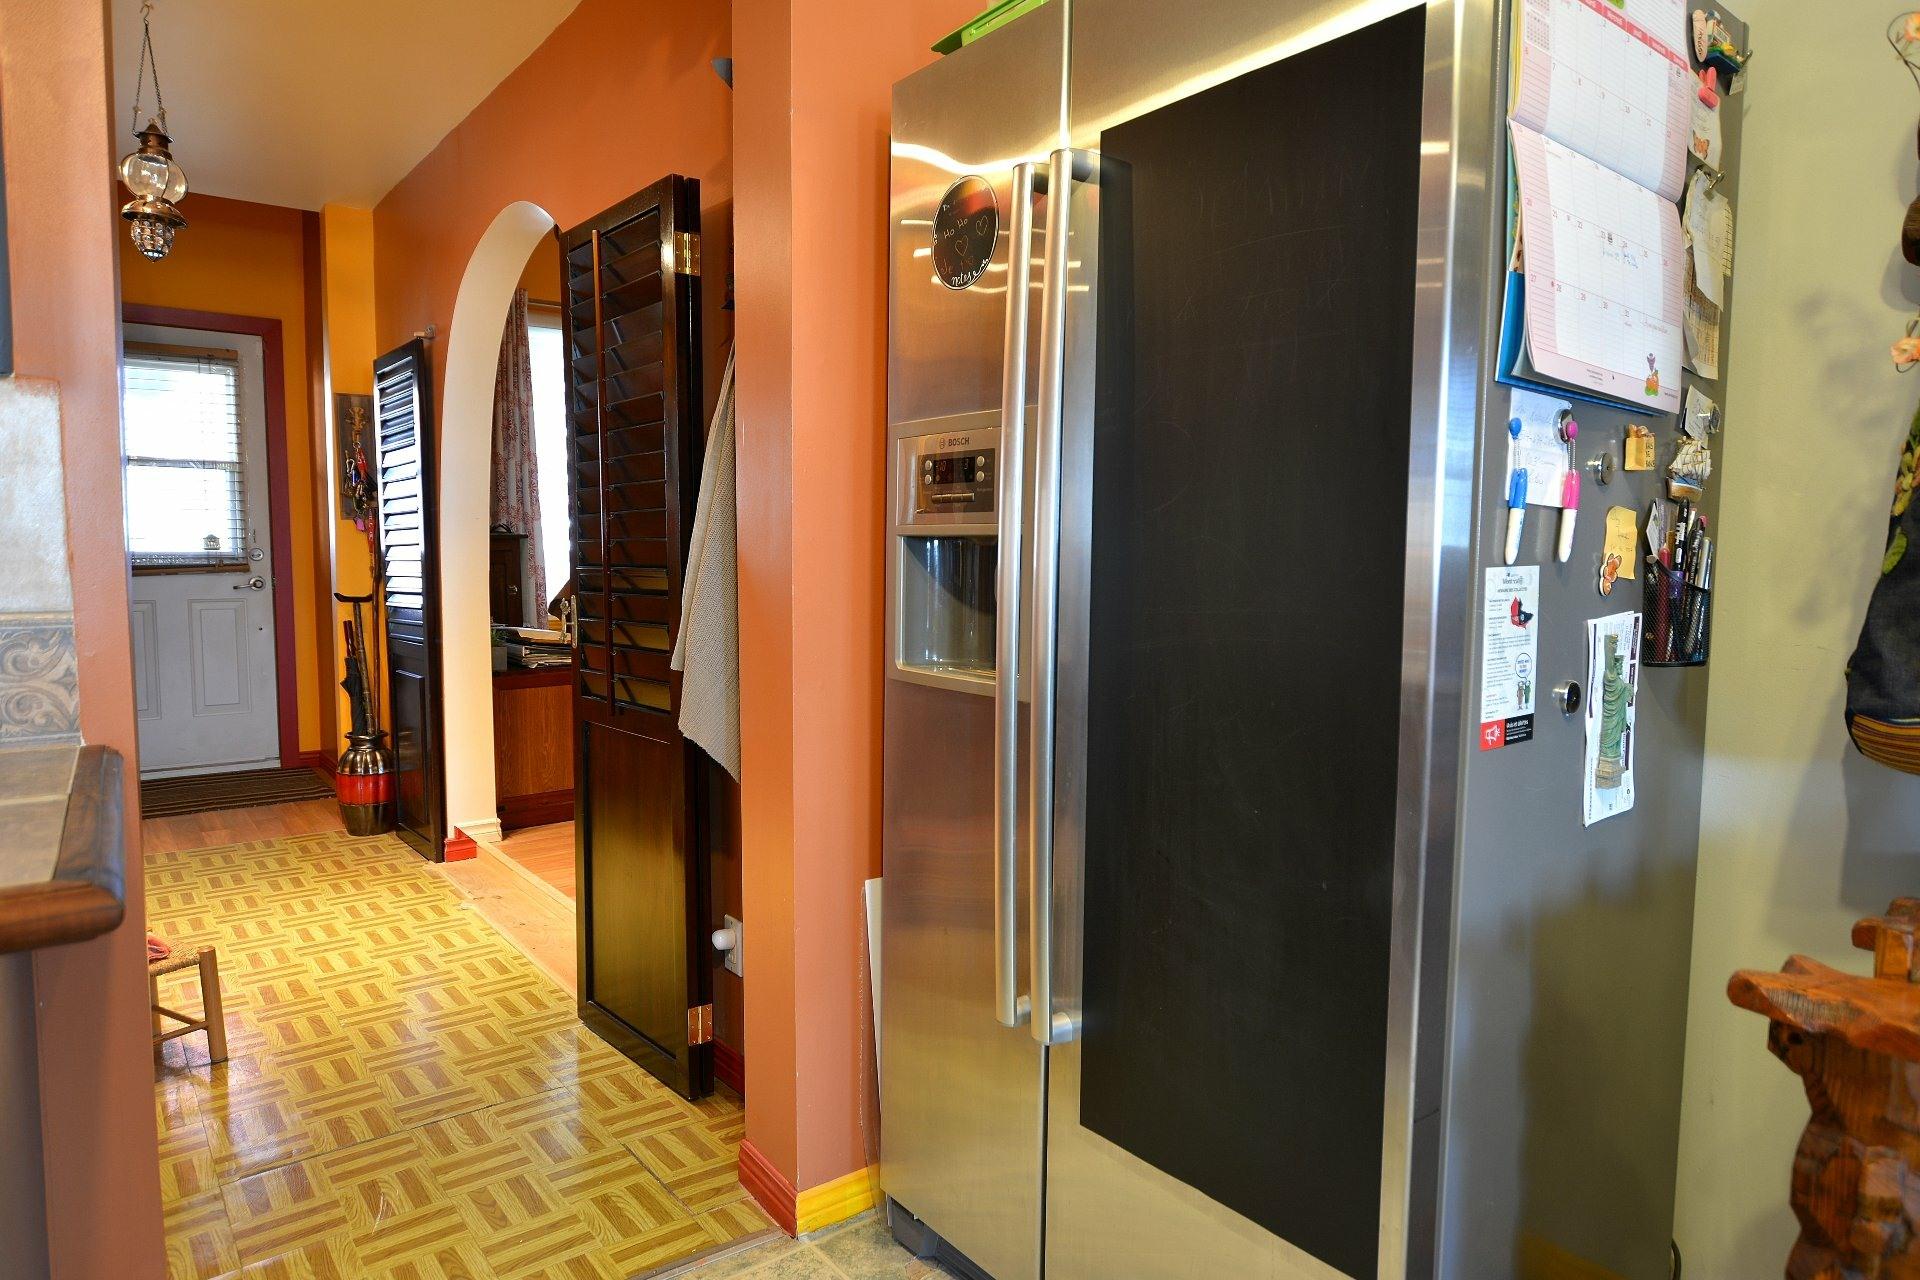 image 20 - House For sale Montréal Lachine  - 5 rooms